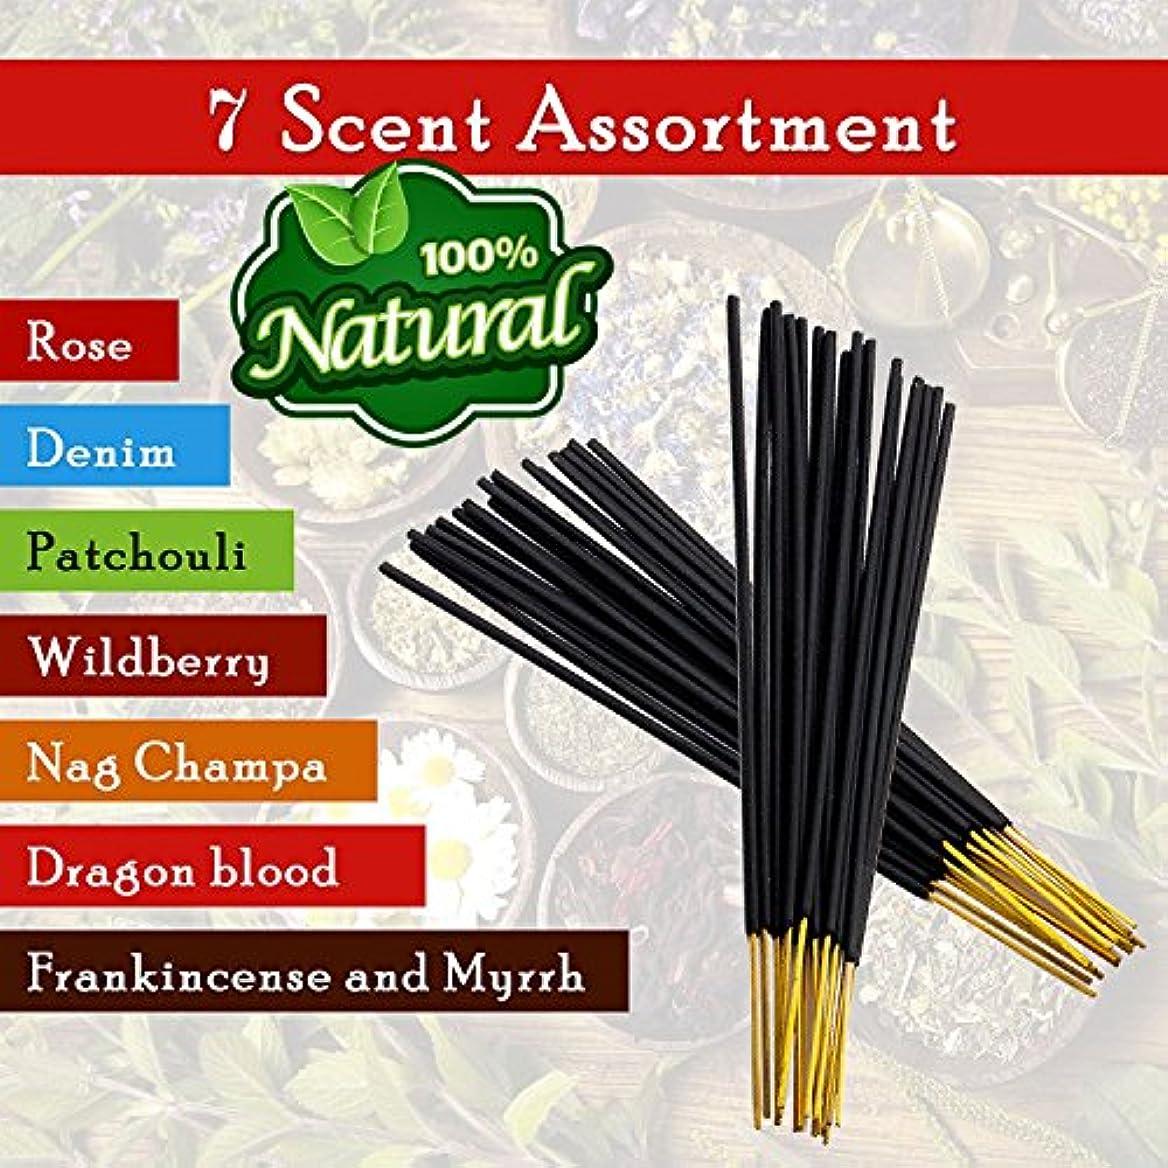 期待するクリックヒップ7-assorted-scents-Frankincense-and-Myrrh-Patchouli-Denim-Rose Dragon-blood-Nag-champa-Wildberry 100%-Natural-Incense-Sticks...